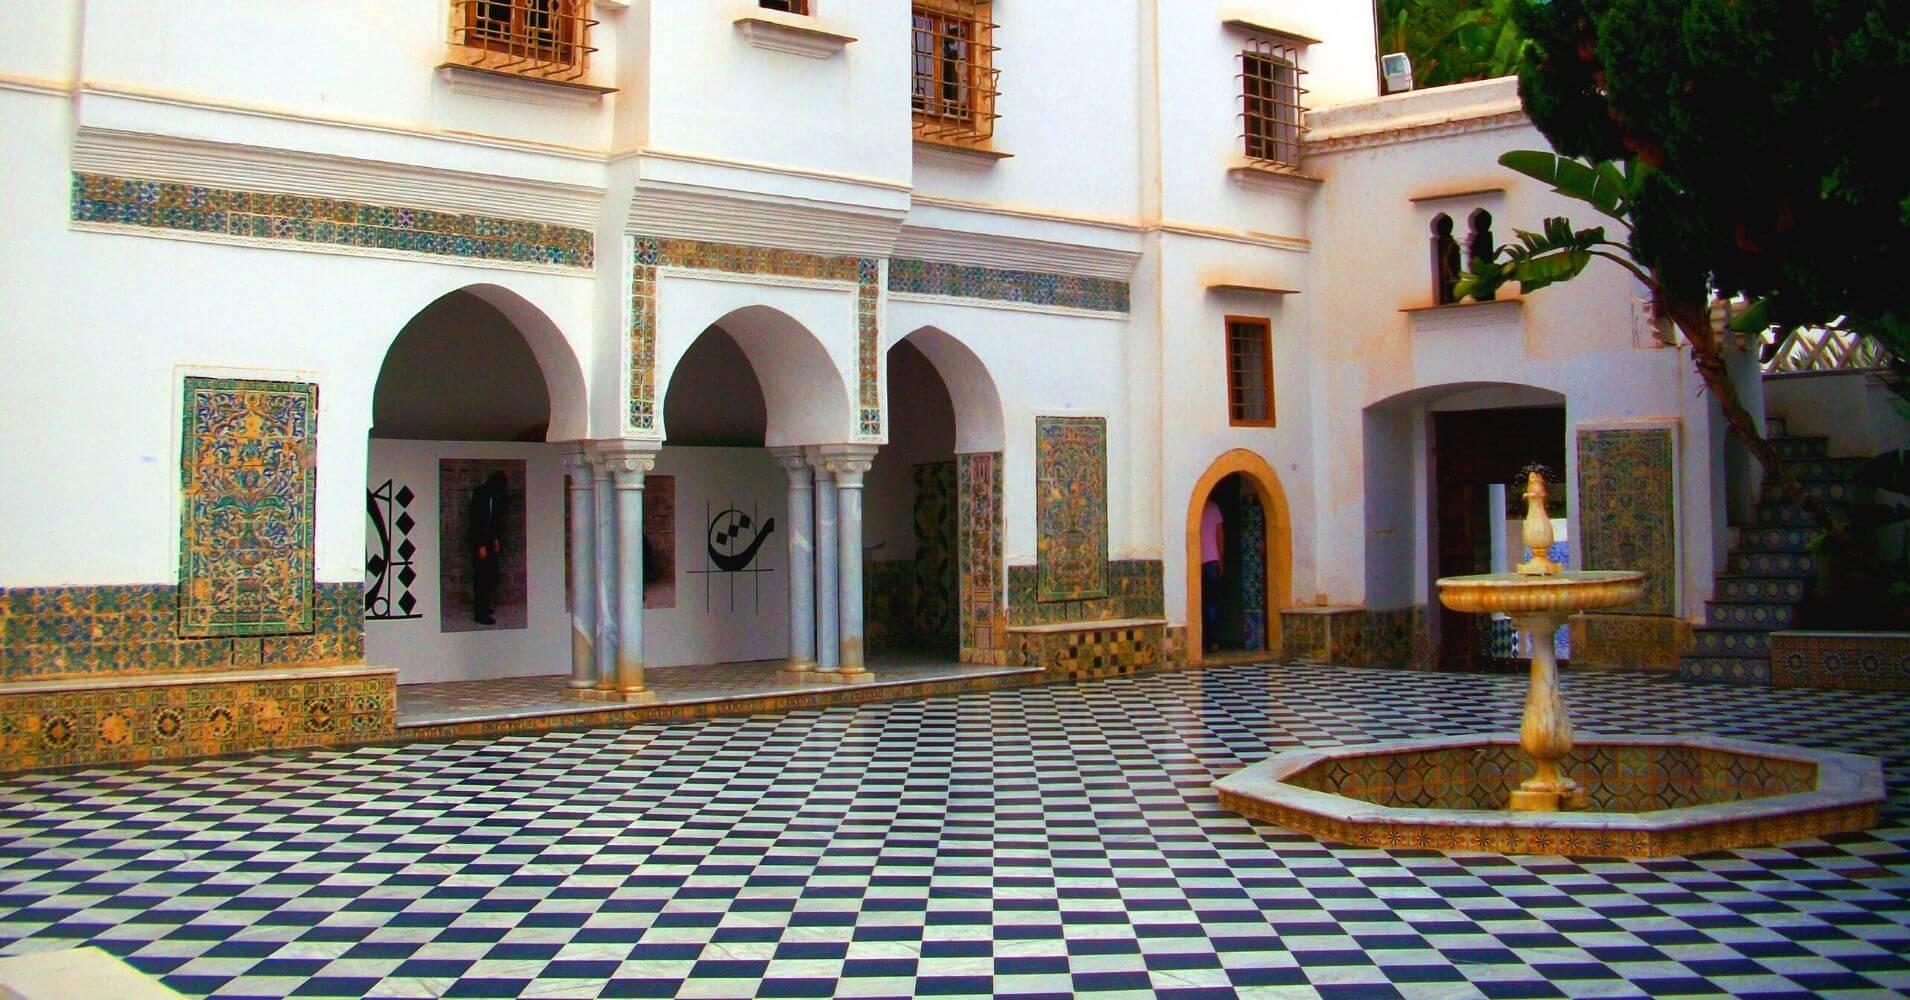 Museo Nacional Bardo. Argel la Blanca. Argelia.